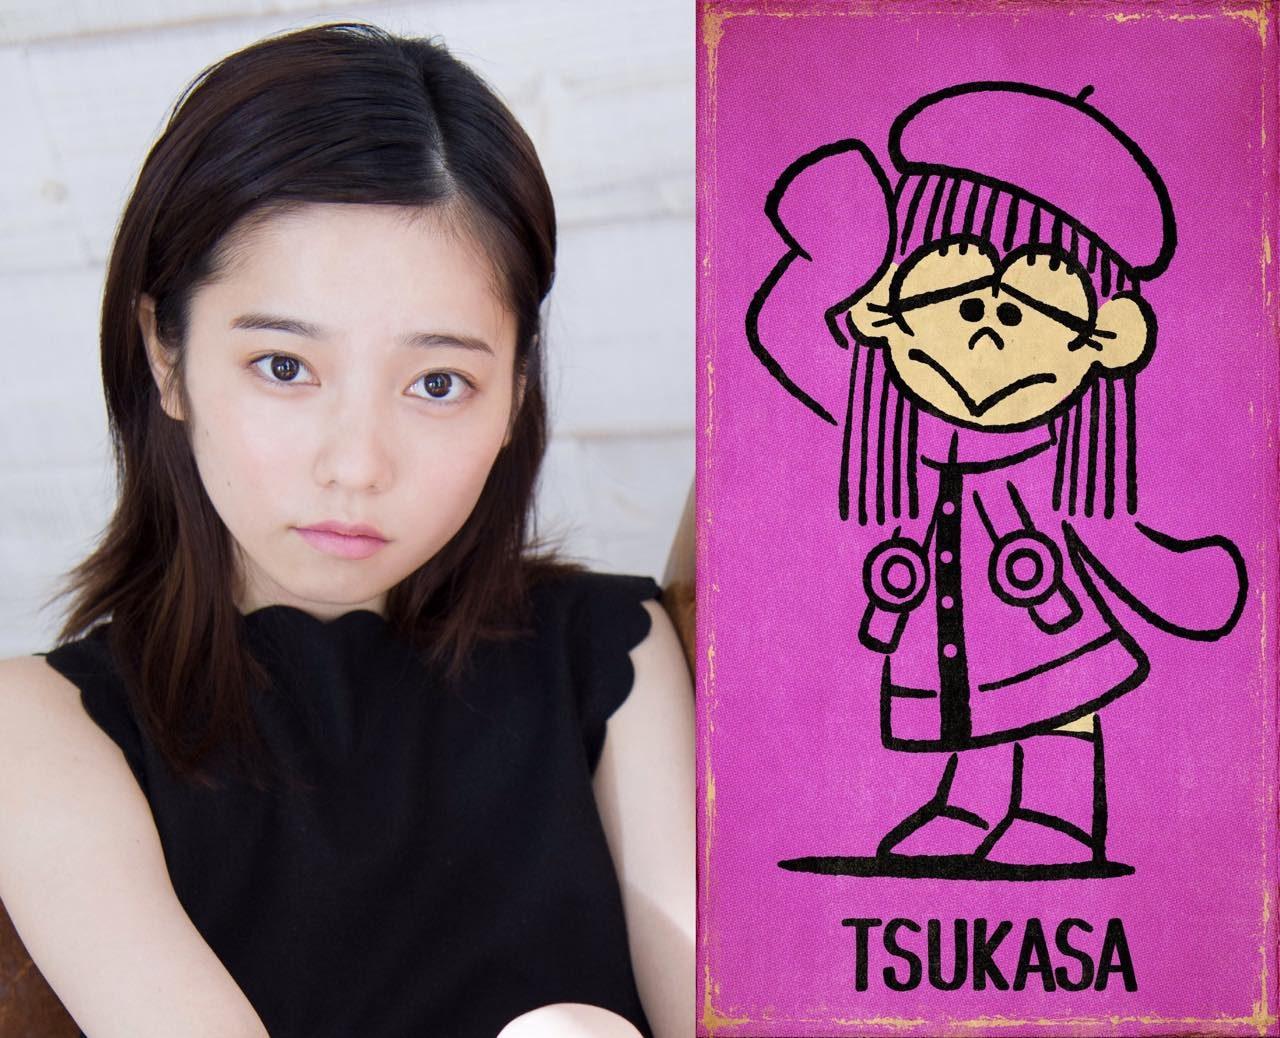 島崎遥香、ドラマ「漫画みたいにいかない。」第2弾出演決定!2019年春放送!